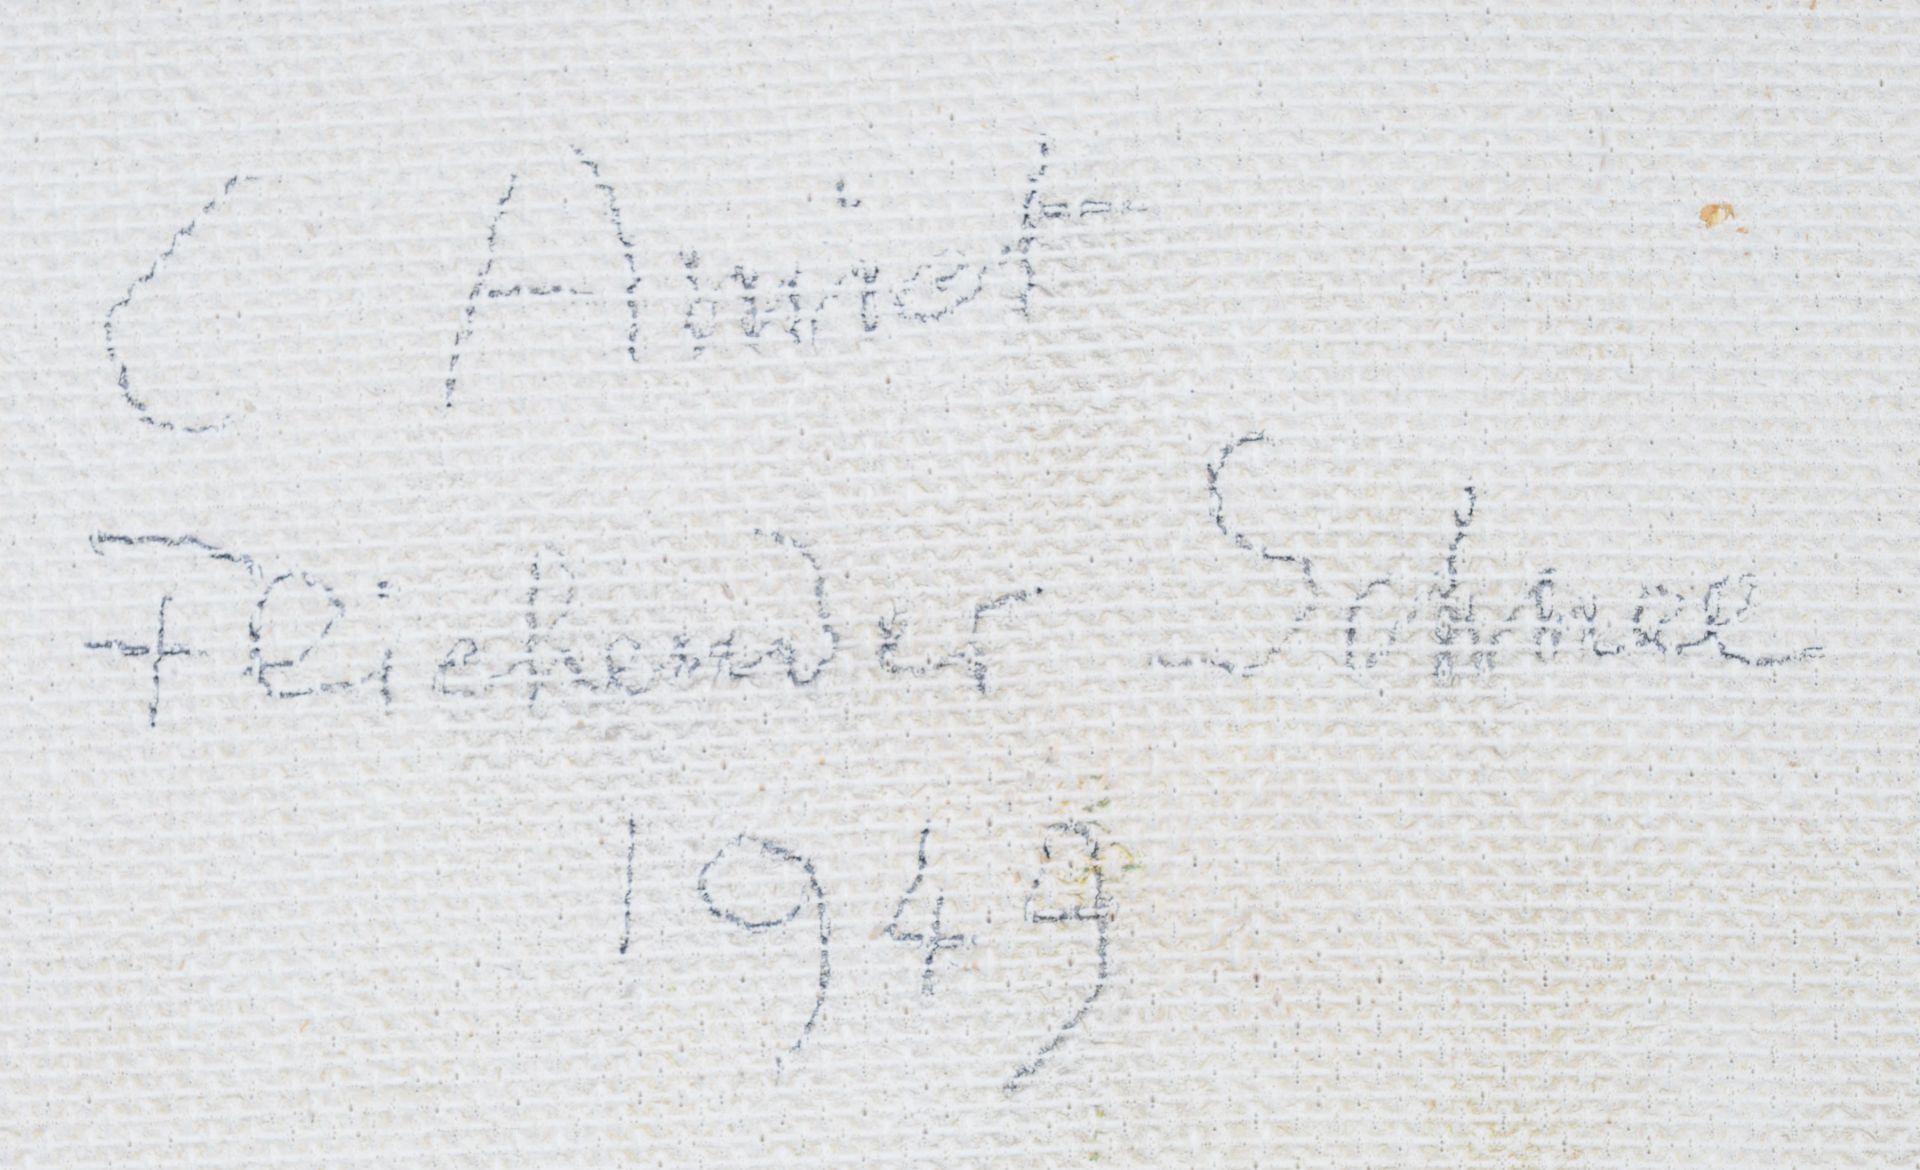 """AMIET, CUNO: """"Fliehender Schnee"""". - Image 7 of 7"""